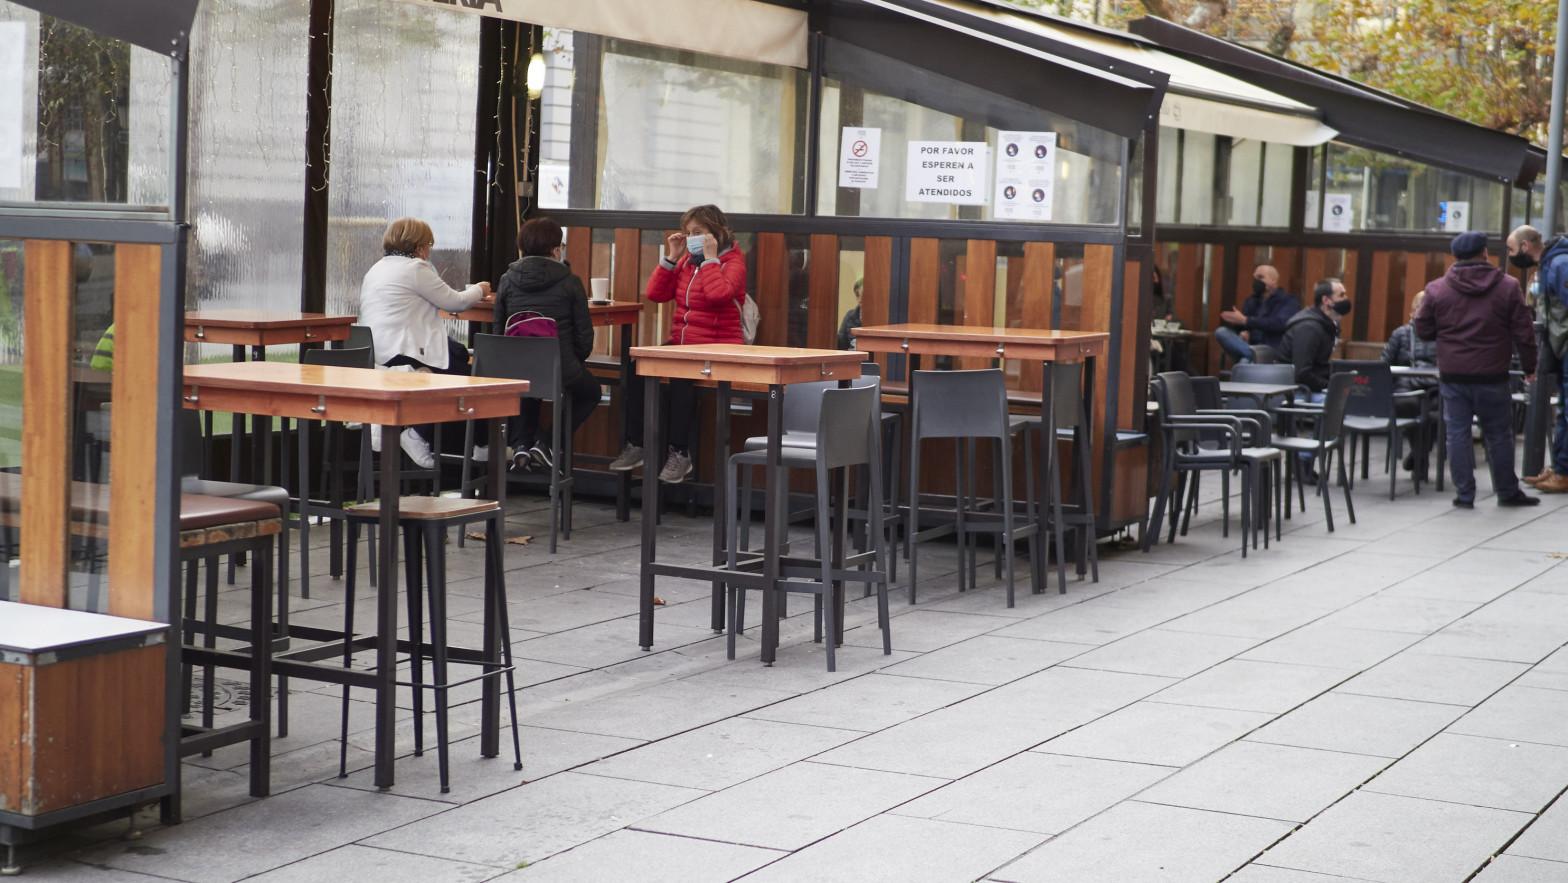 El Tribunal tampoco ratifica el horario de cierre de las terrazas de los establecimientos de hostelería, al ser una medida ligada al toque de queda